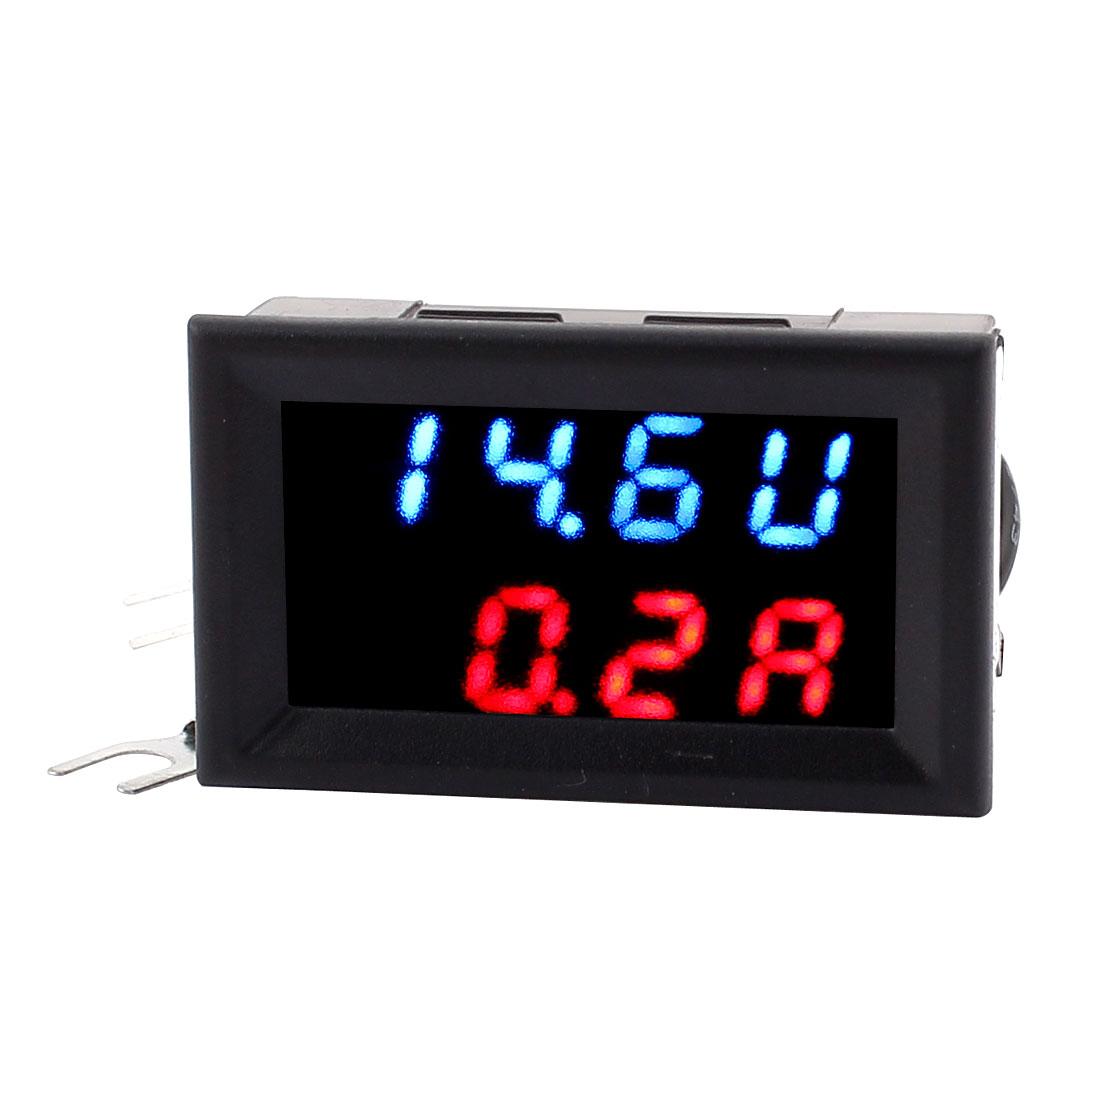 DC 0-30V 0-50A Blue Red LED Dual Digital Panel Voltmeter Ammeter Meter 2IN1